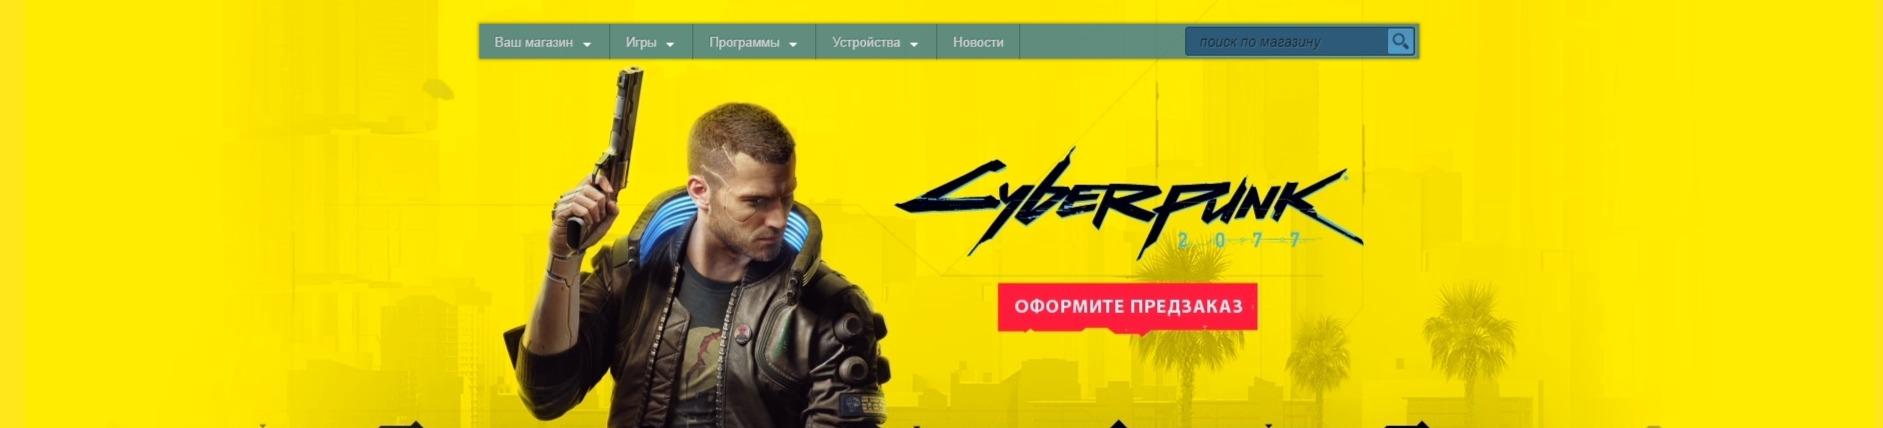 Cyberpunk 2077 стал доступен для предзаказа в Steam E32019